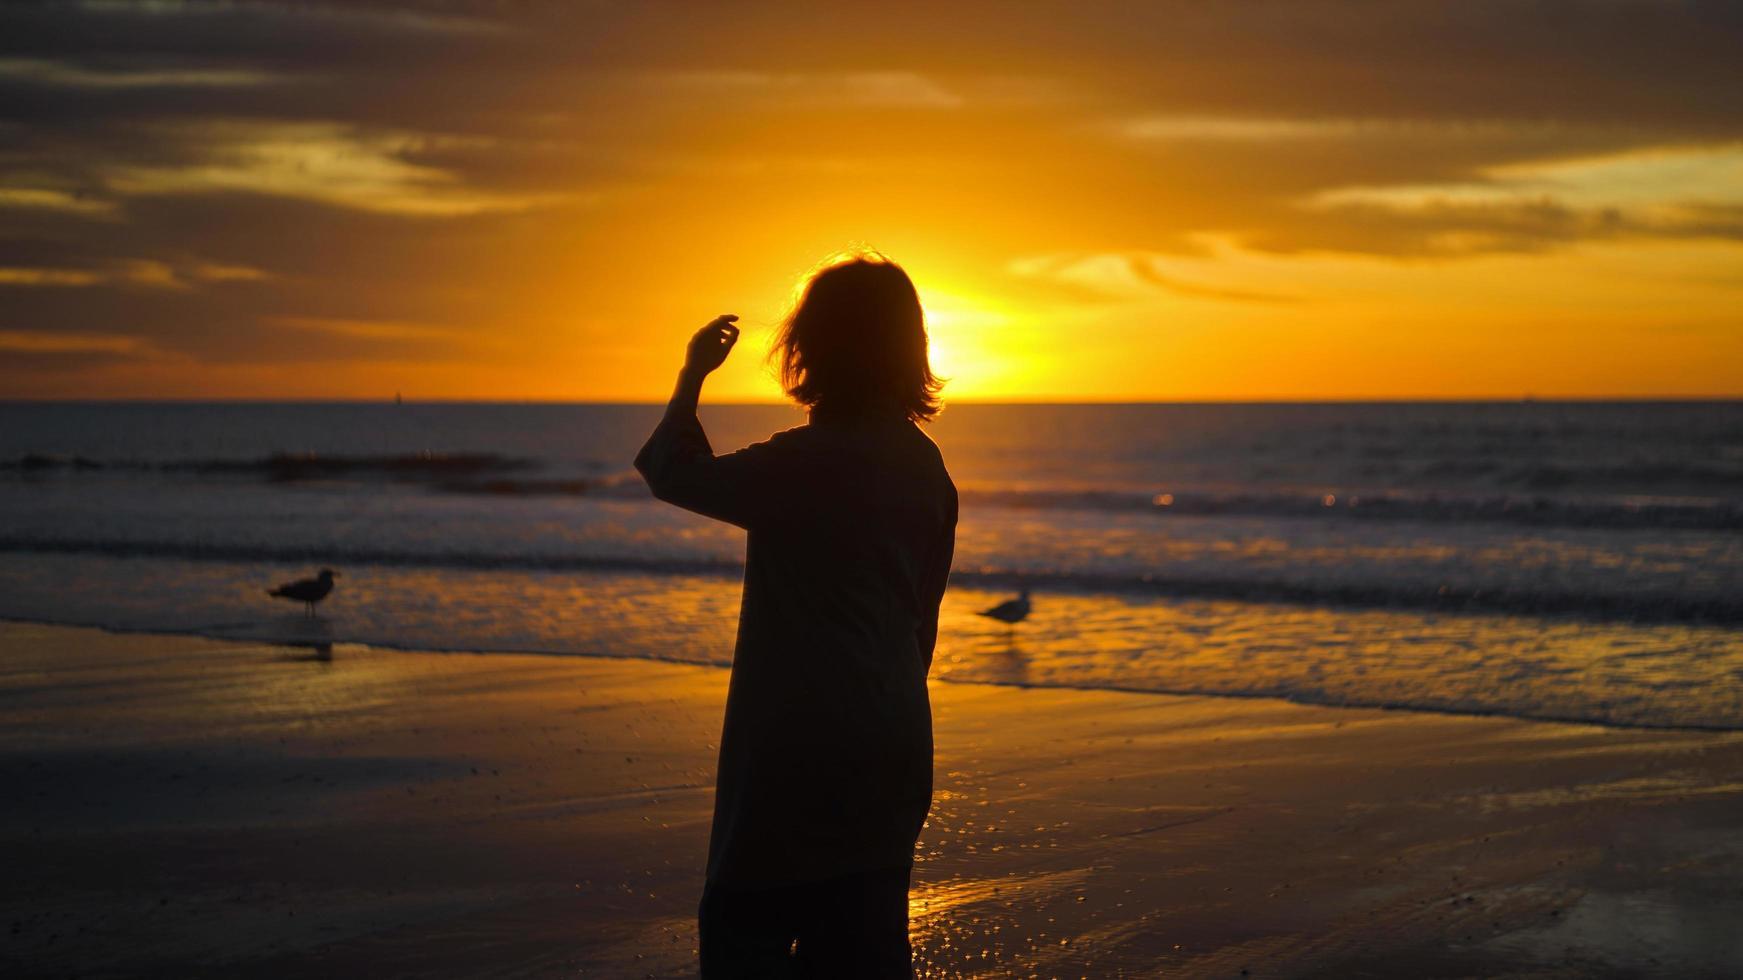 silhouette de femme debout au bord de la mer photo